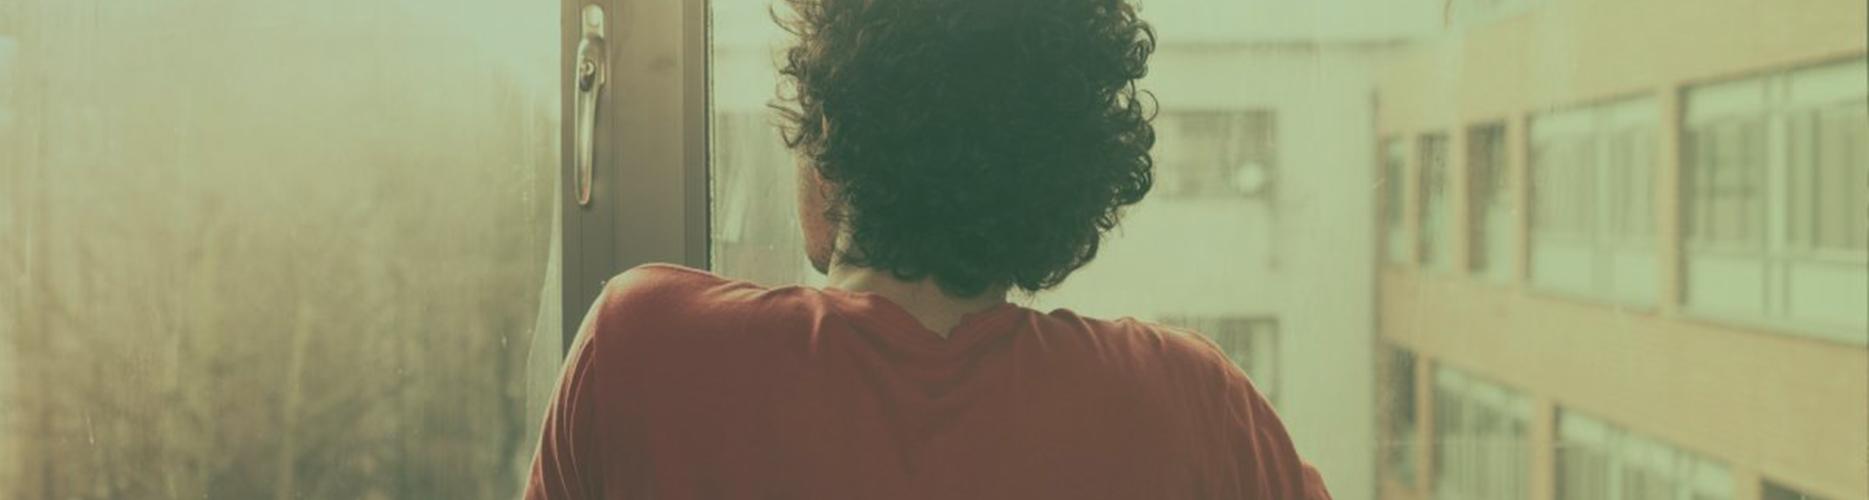 Sfeerafbeelding van een man die naar buiten staat te staren